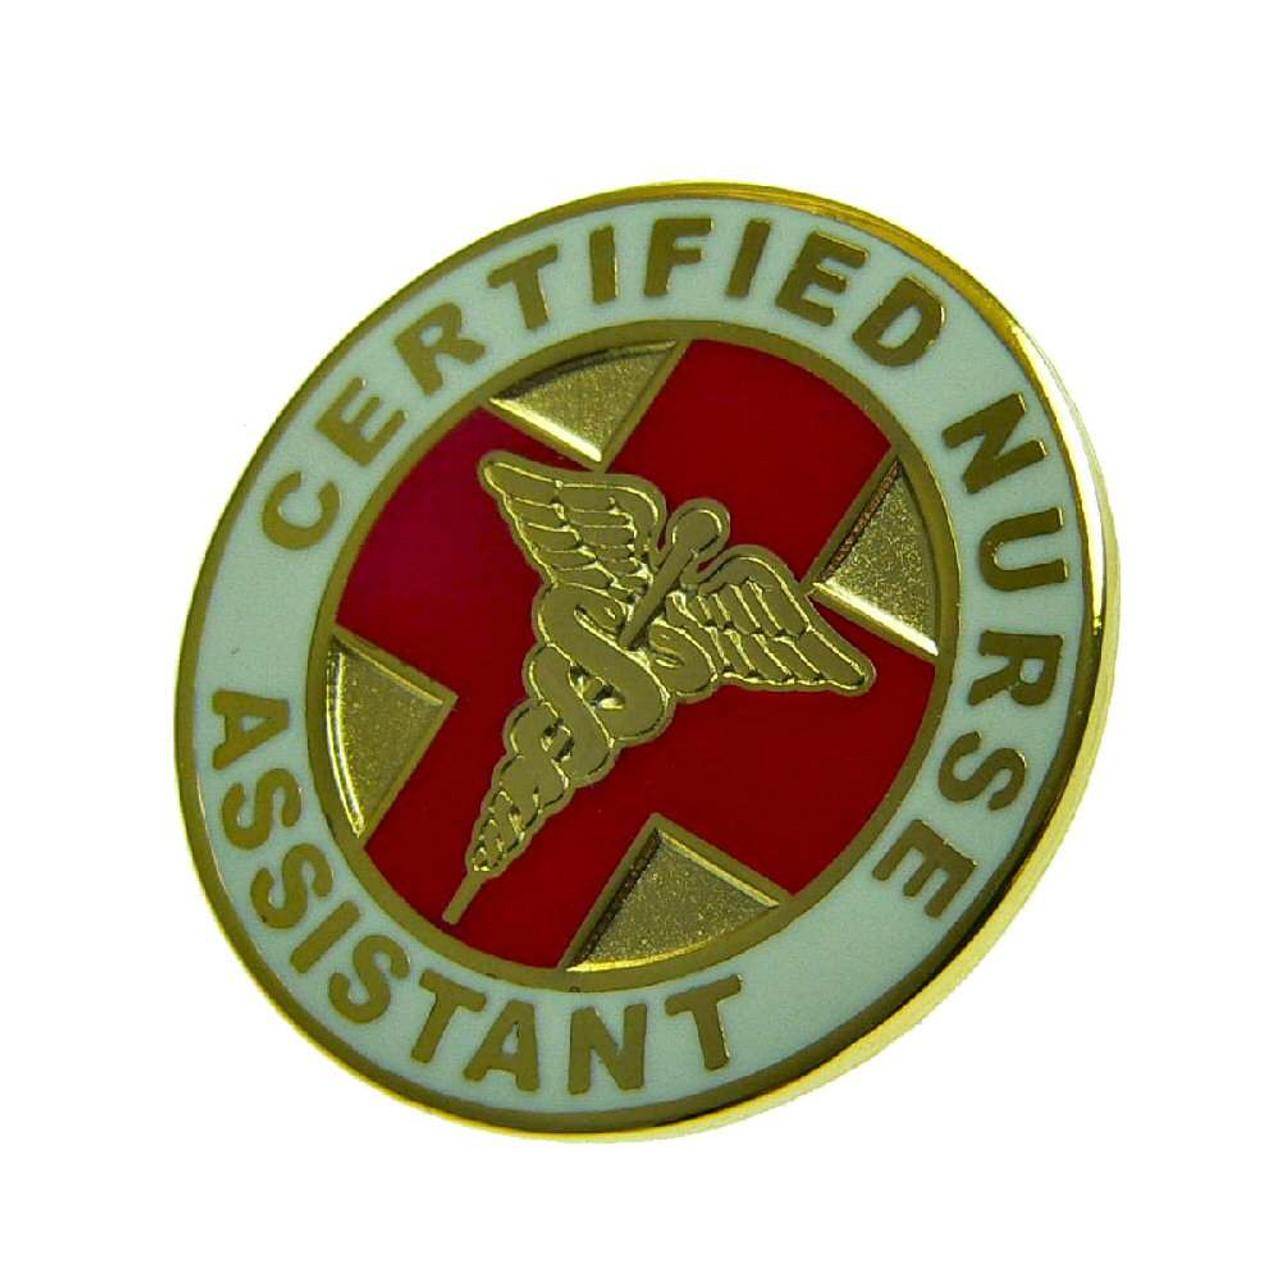 CNA Certified Nurse Assistant Lapel Pin